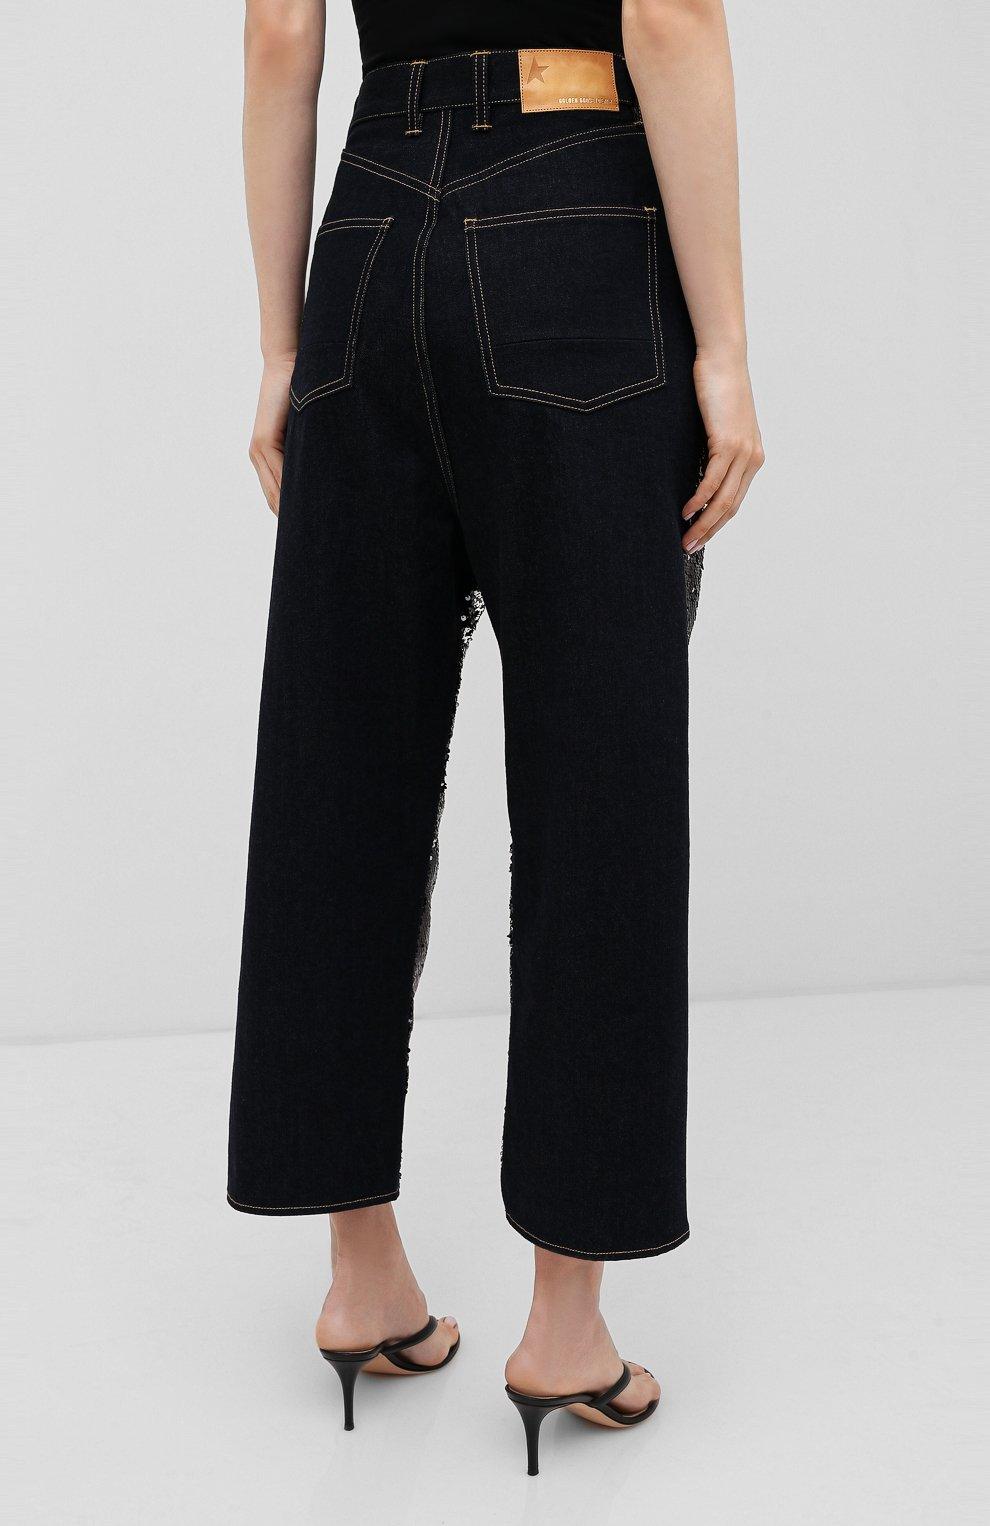 Женские джинсы с пайетками GOLDEN GOOSE DELUXE BRAND черного цвета, арт. G36WP084.A1   Фото 4